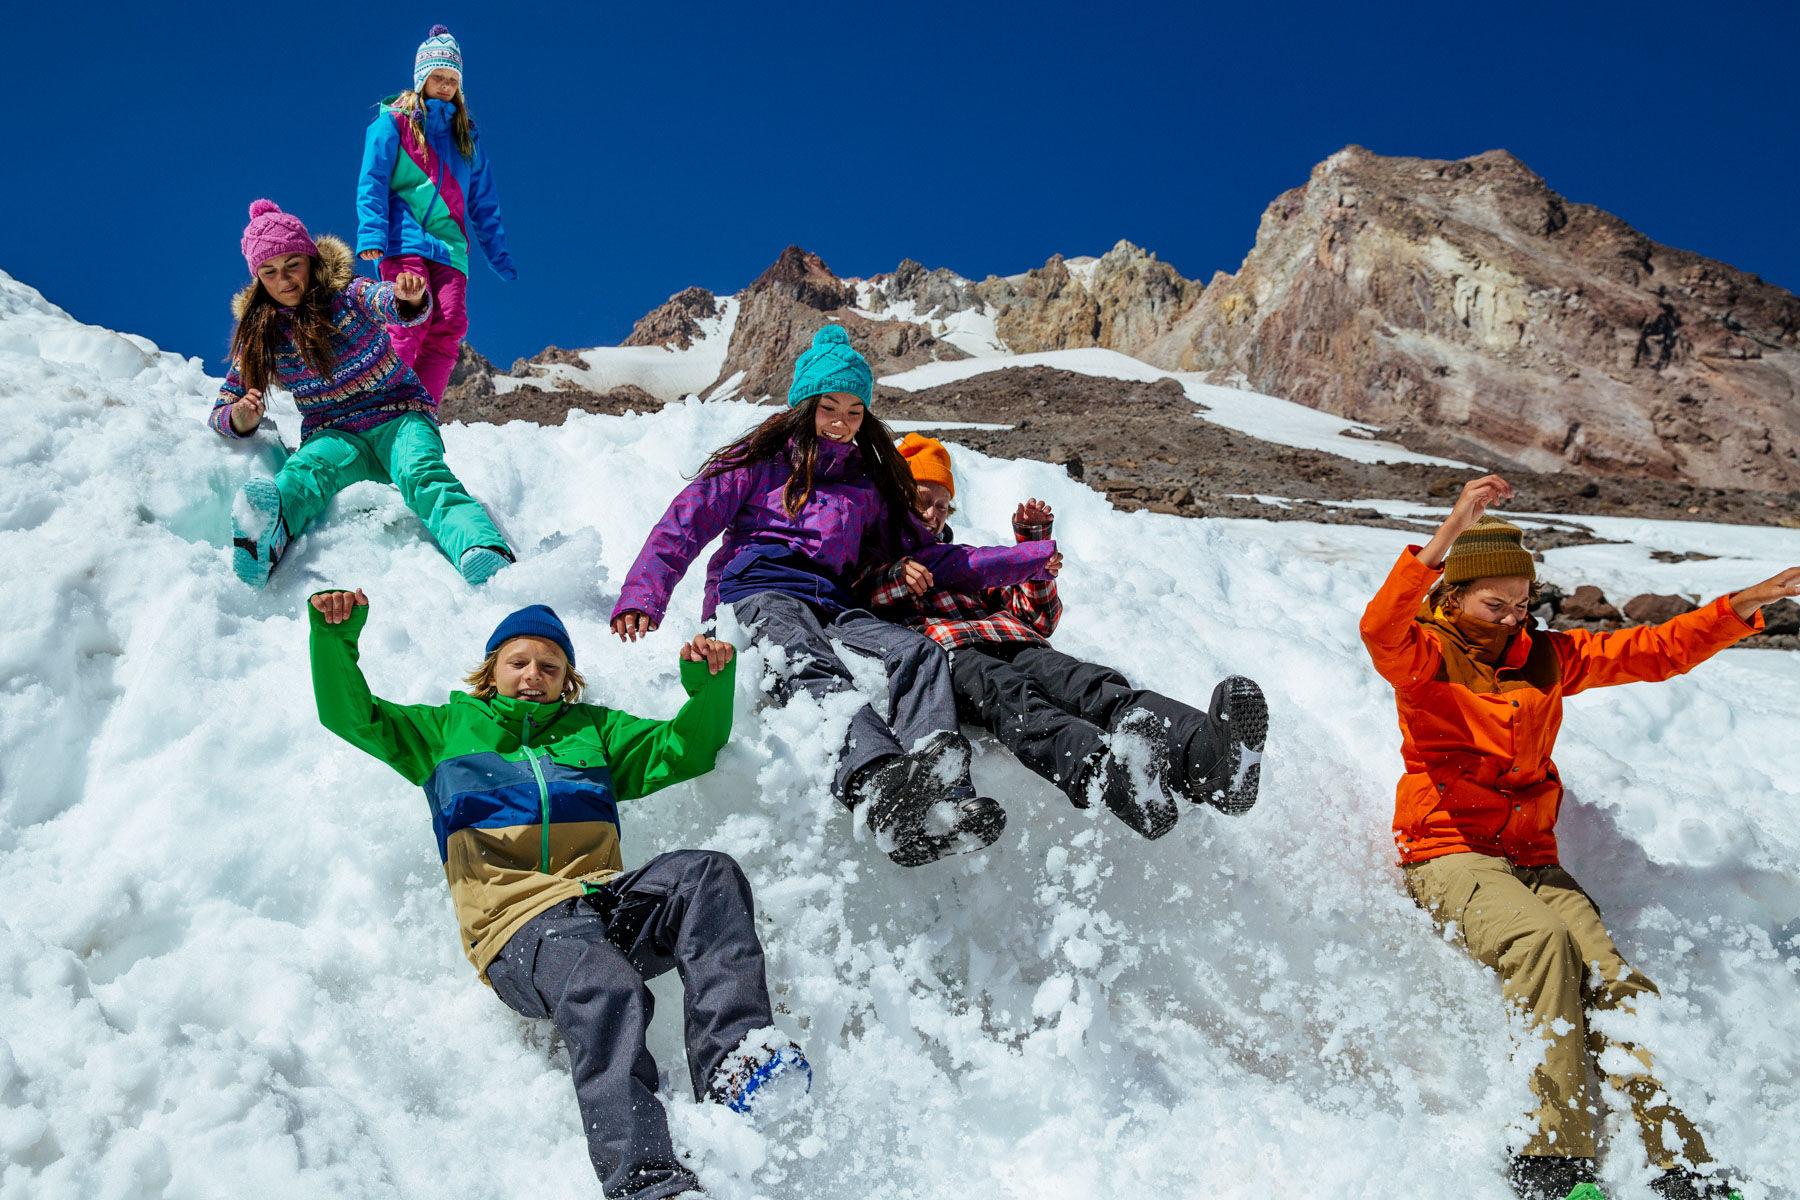 Group snow slip n slide